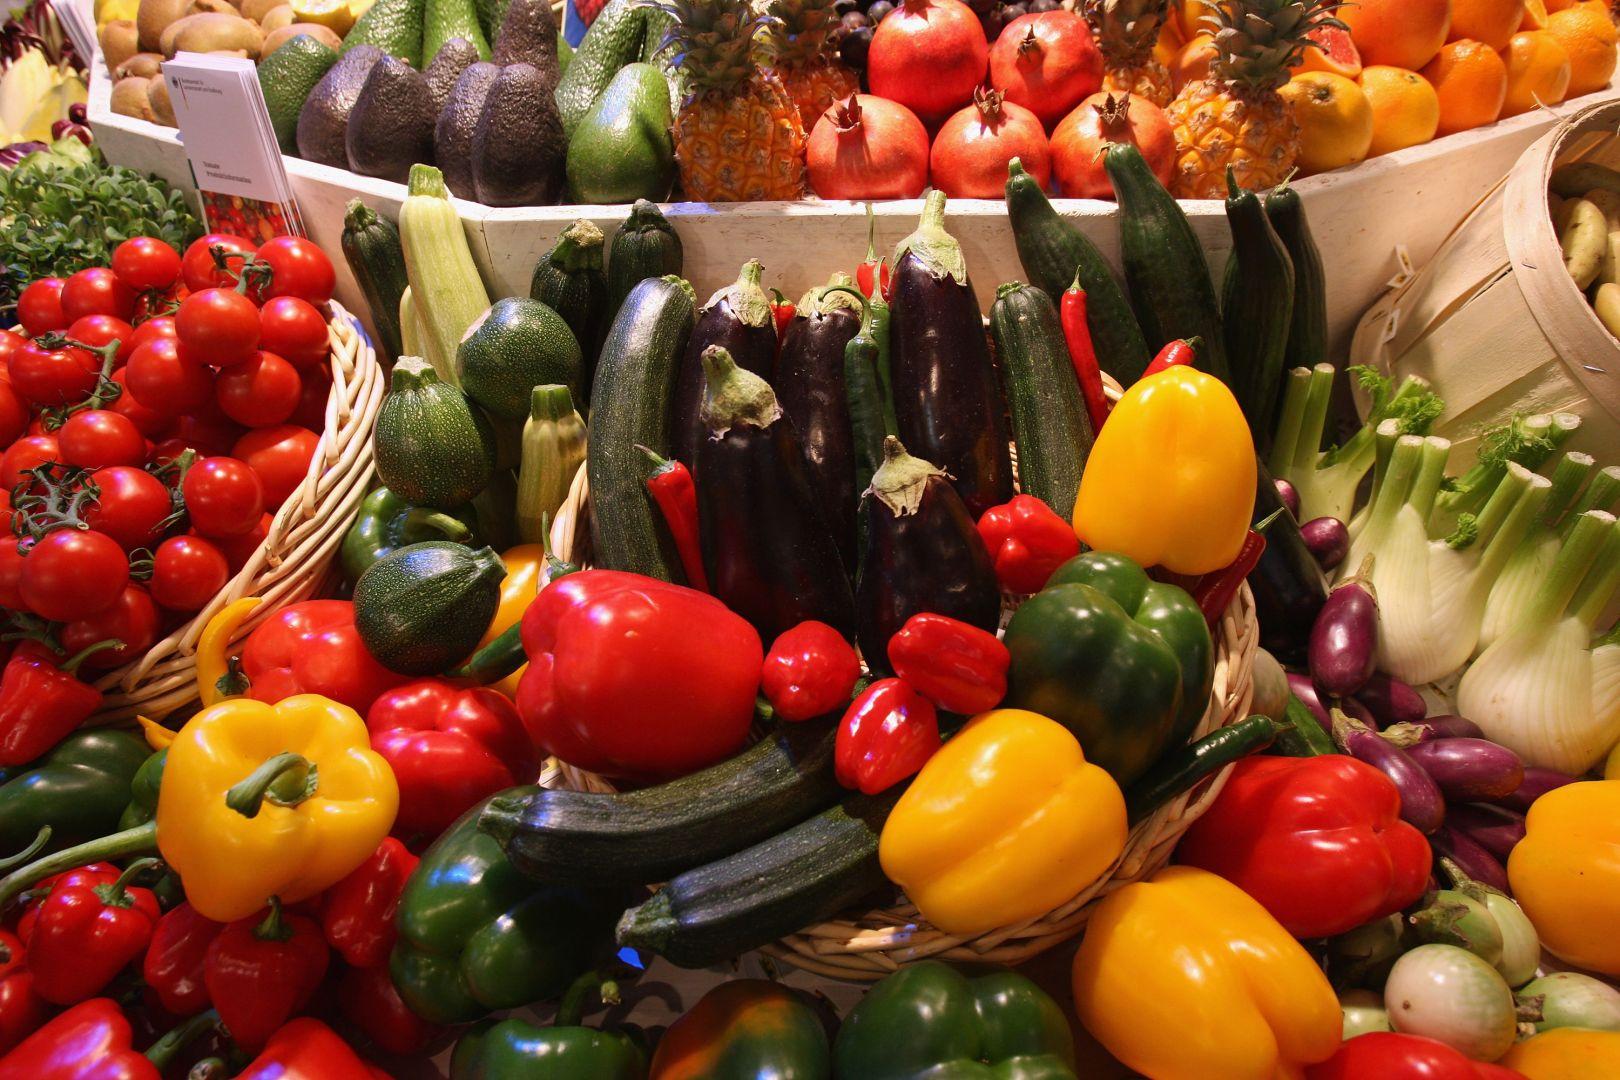 В Ставропольском крае подорожали мясопродукты, ряд овощей и фруктов